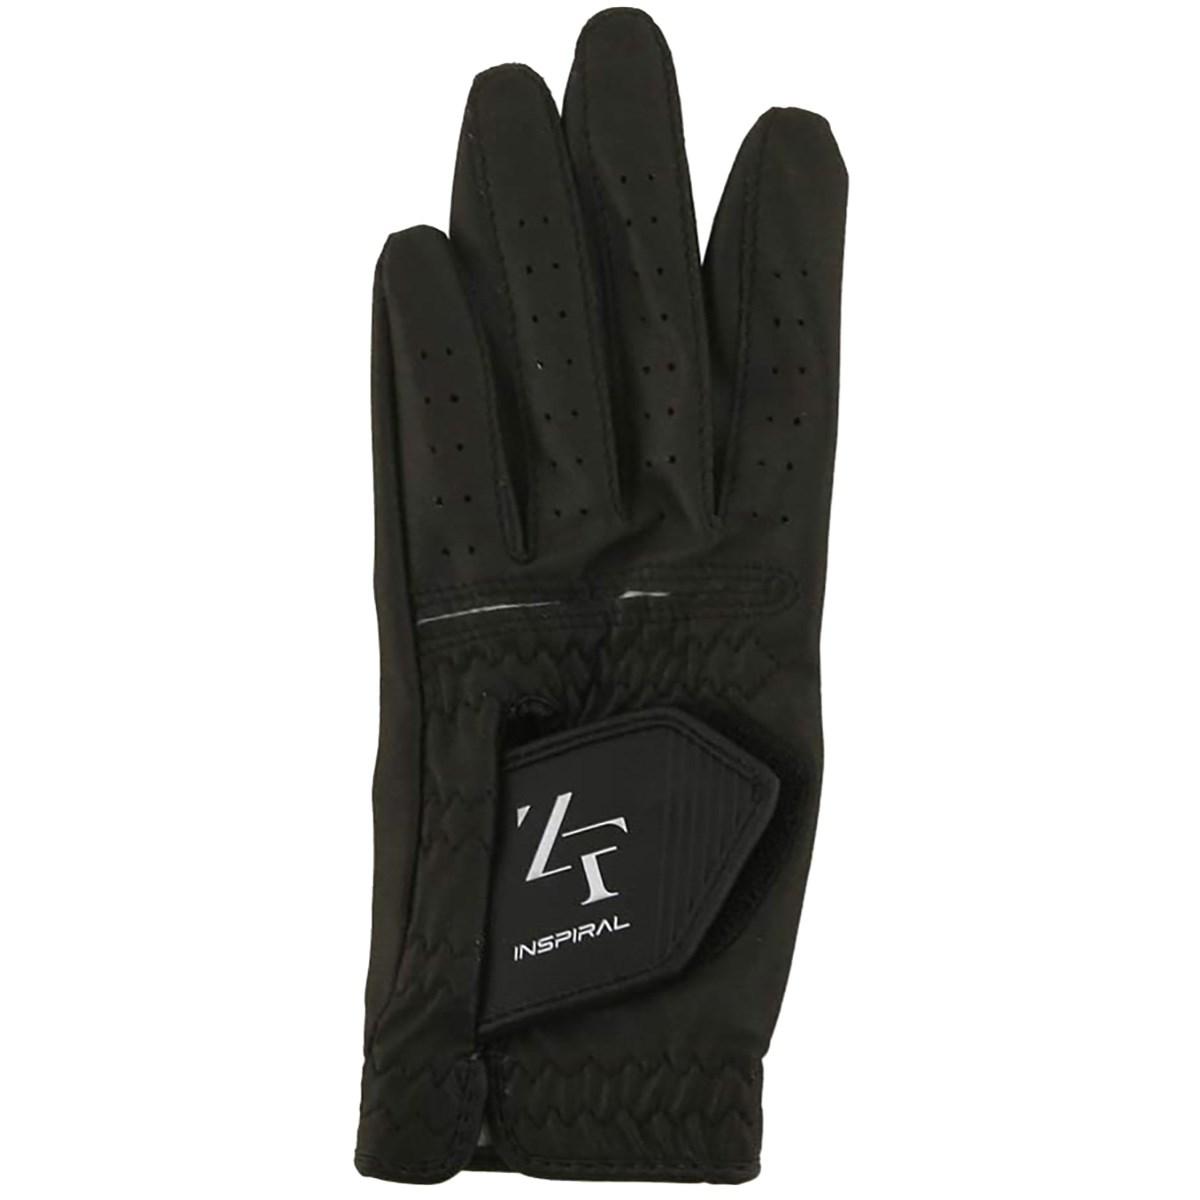 イオンスポーツ ZERO FIT インスパイラル ゴルフ グローブ 24cm 左手着用(右利き用) ブラック